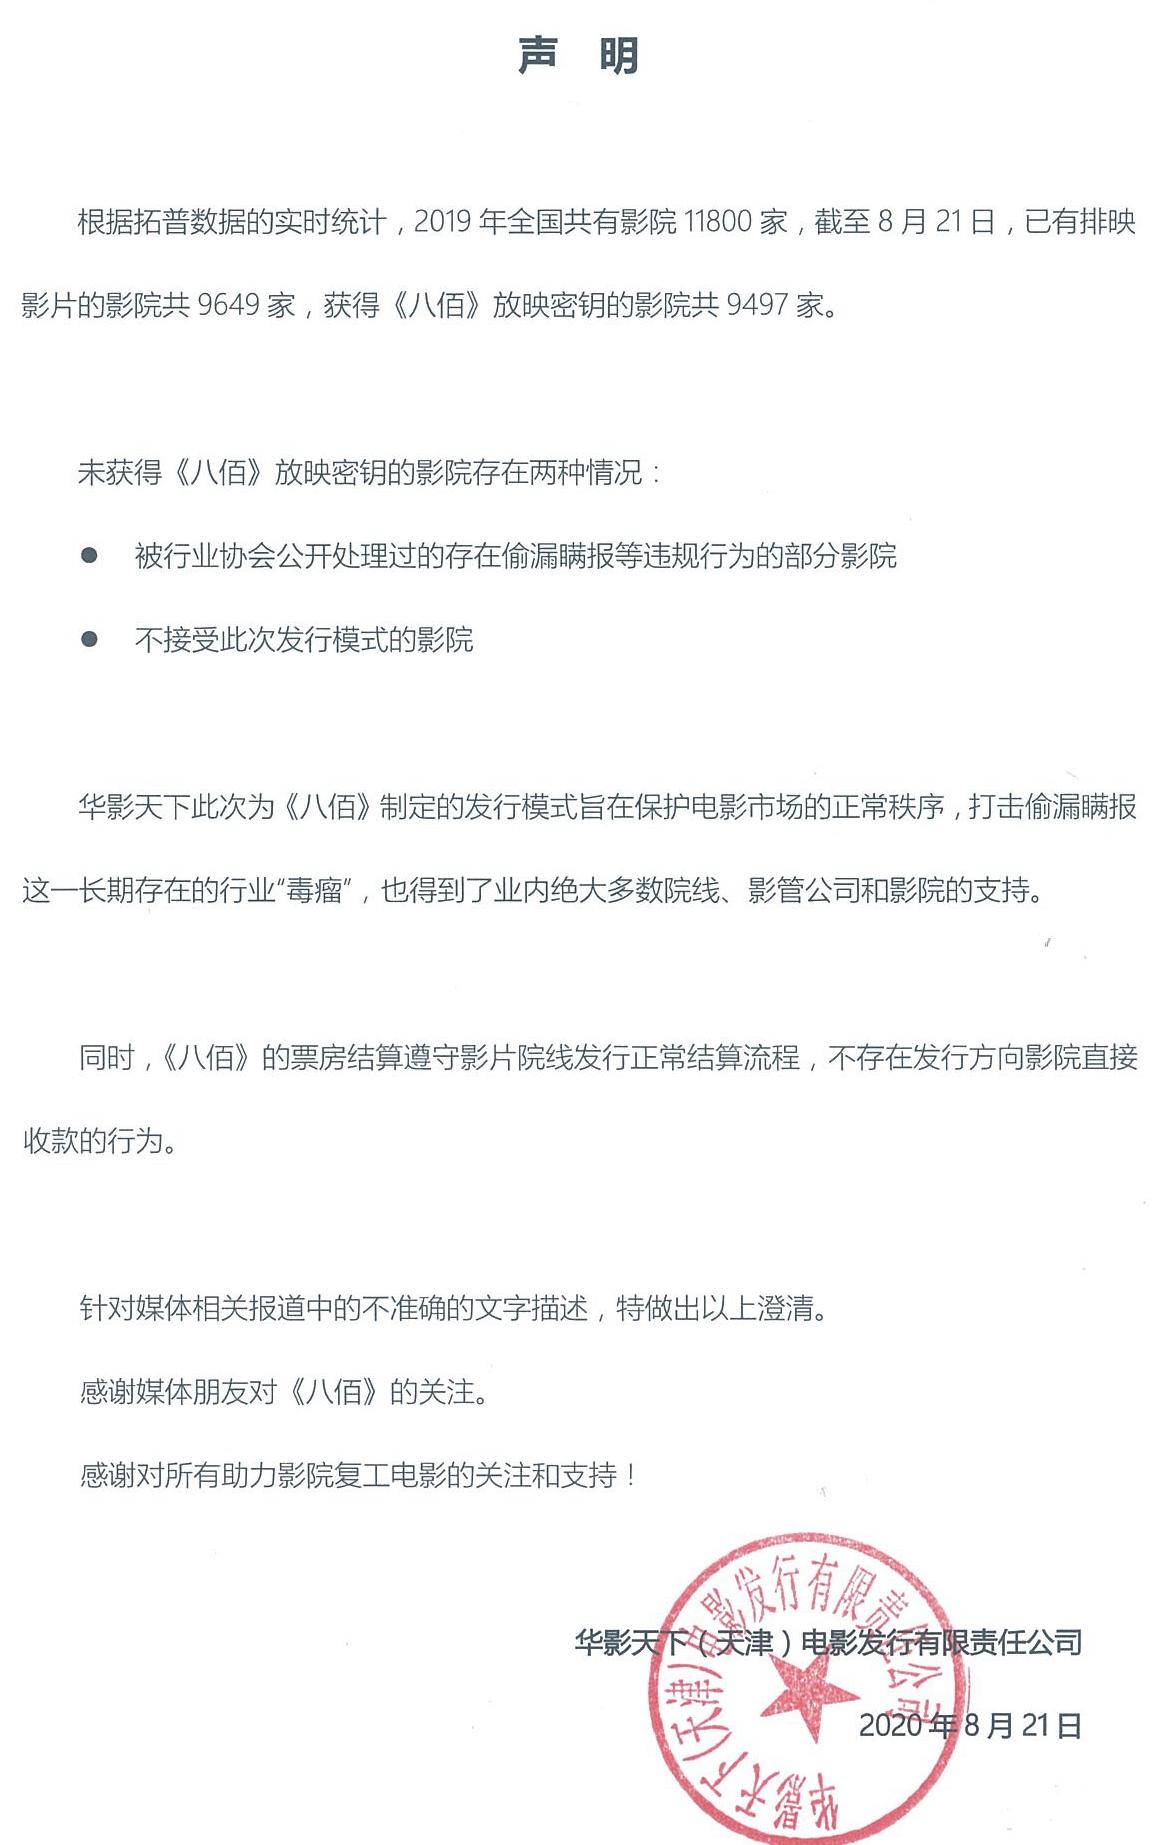 华谊辟谣《八佰》上映霸王条款 称想保护电影市场